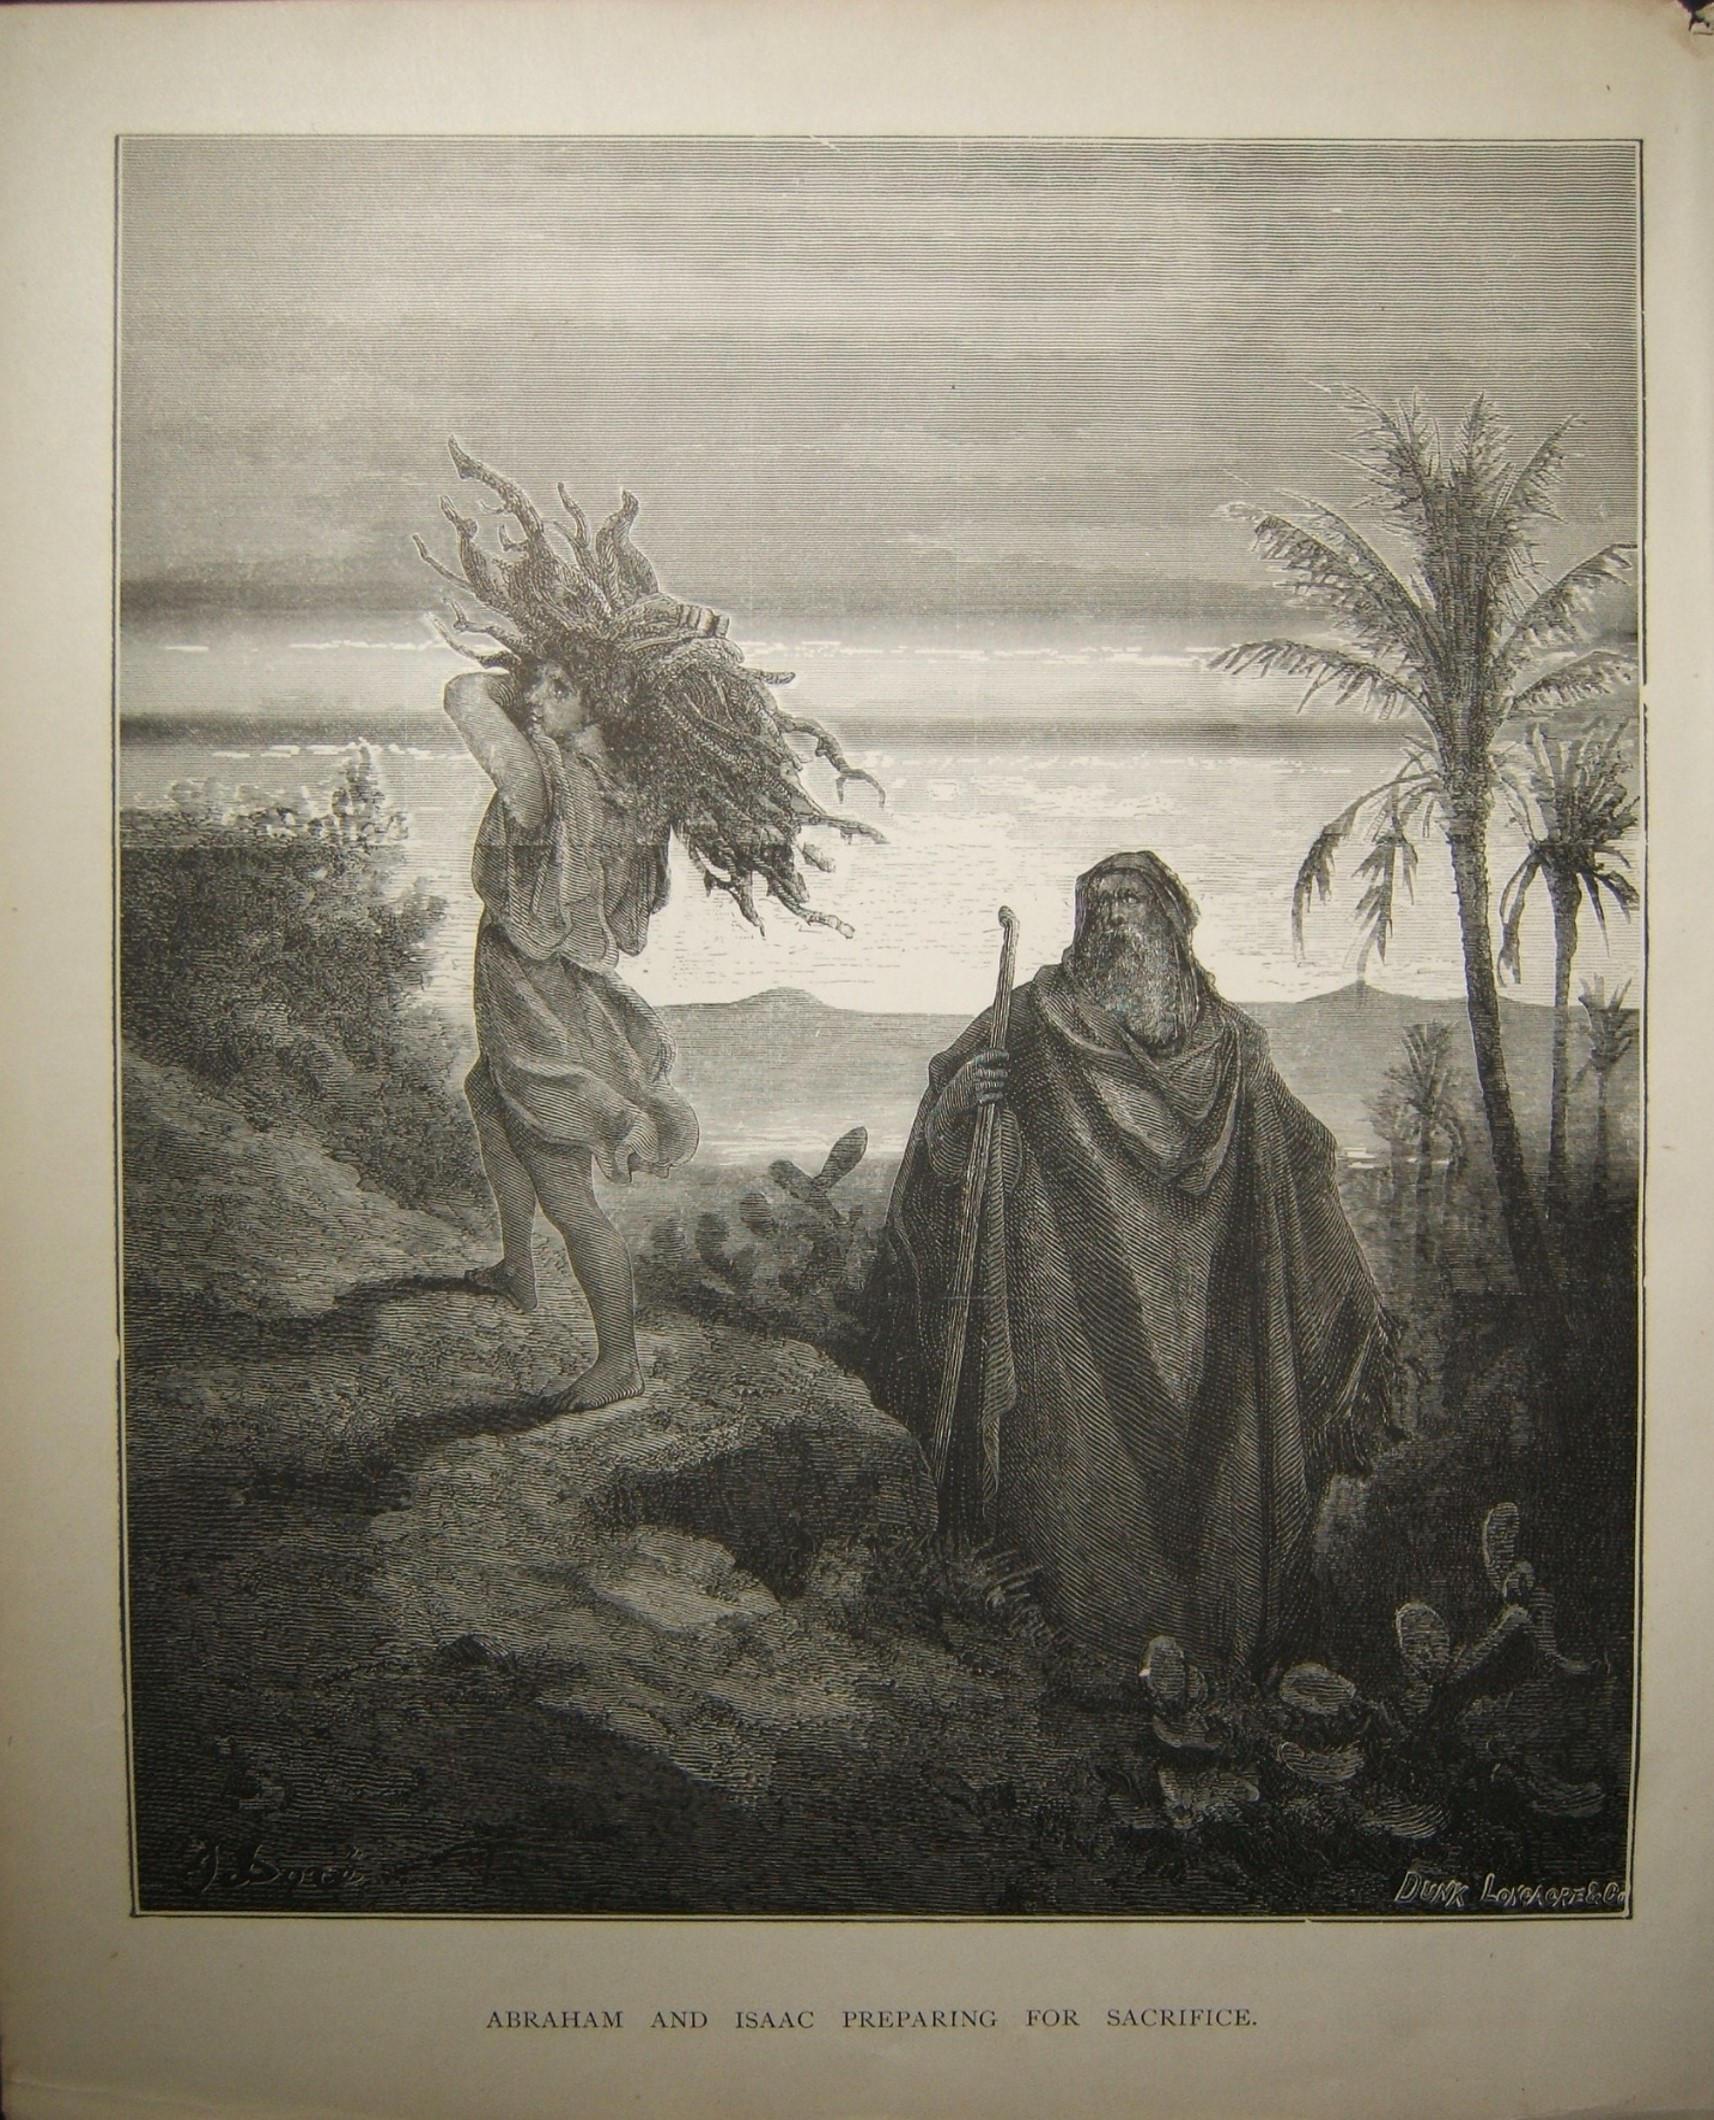 طباعة الكتاب المقدس إبراهيم وإسحاق تستعد للتضحية من دونك لونجاكر وشركاه